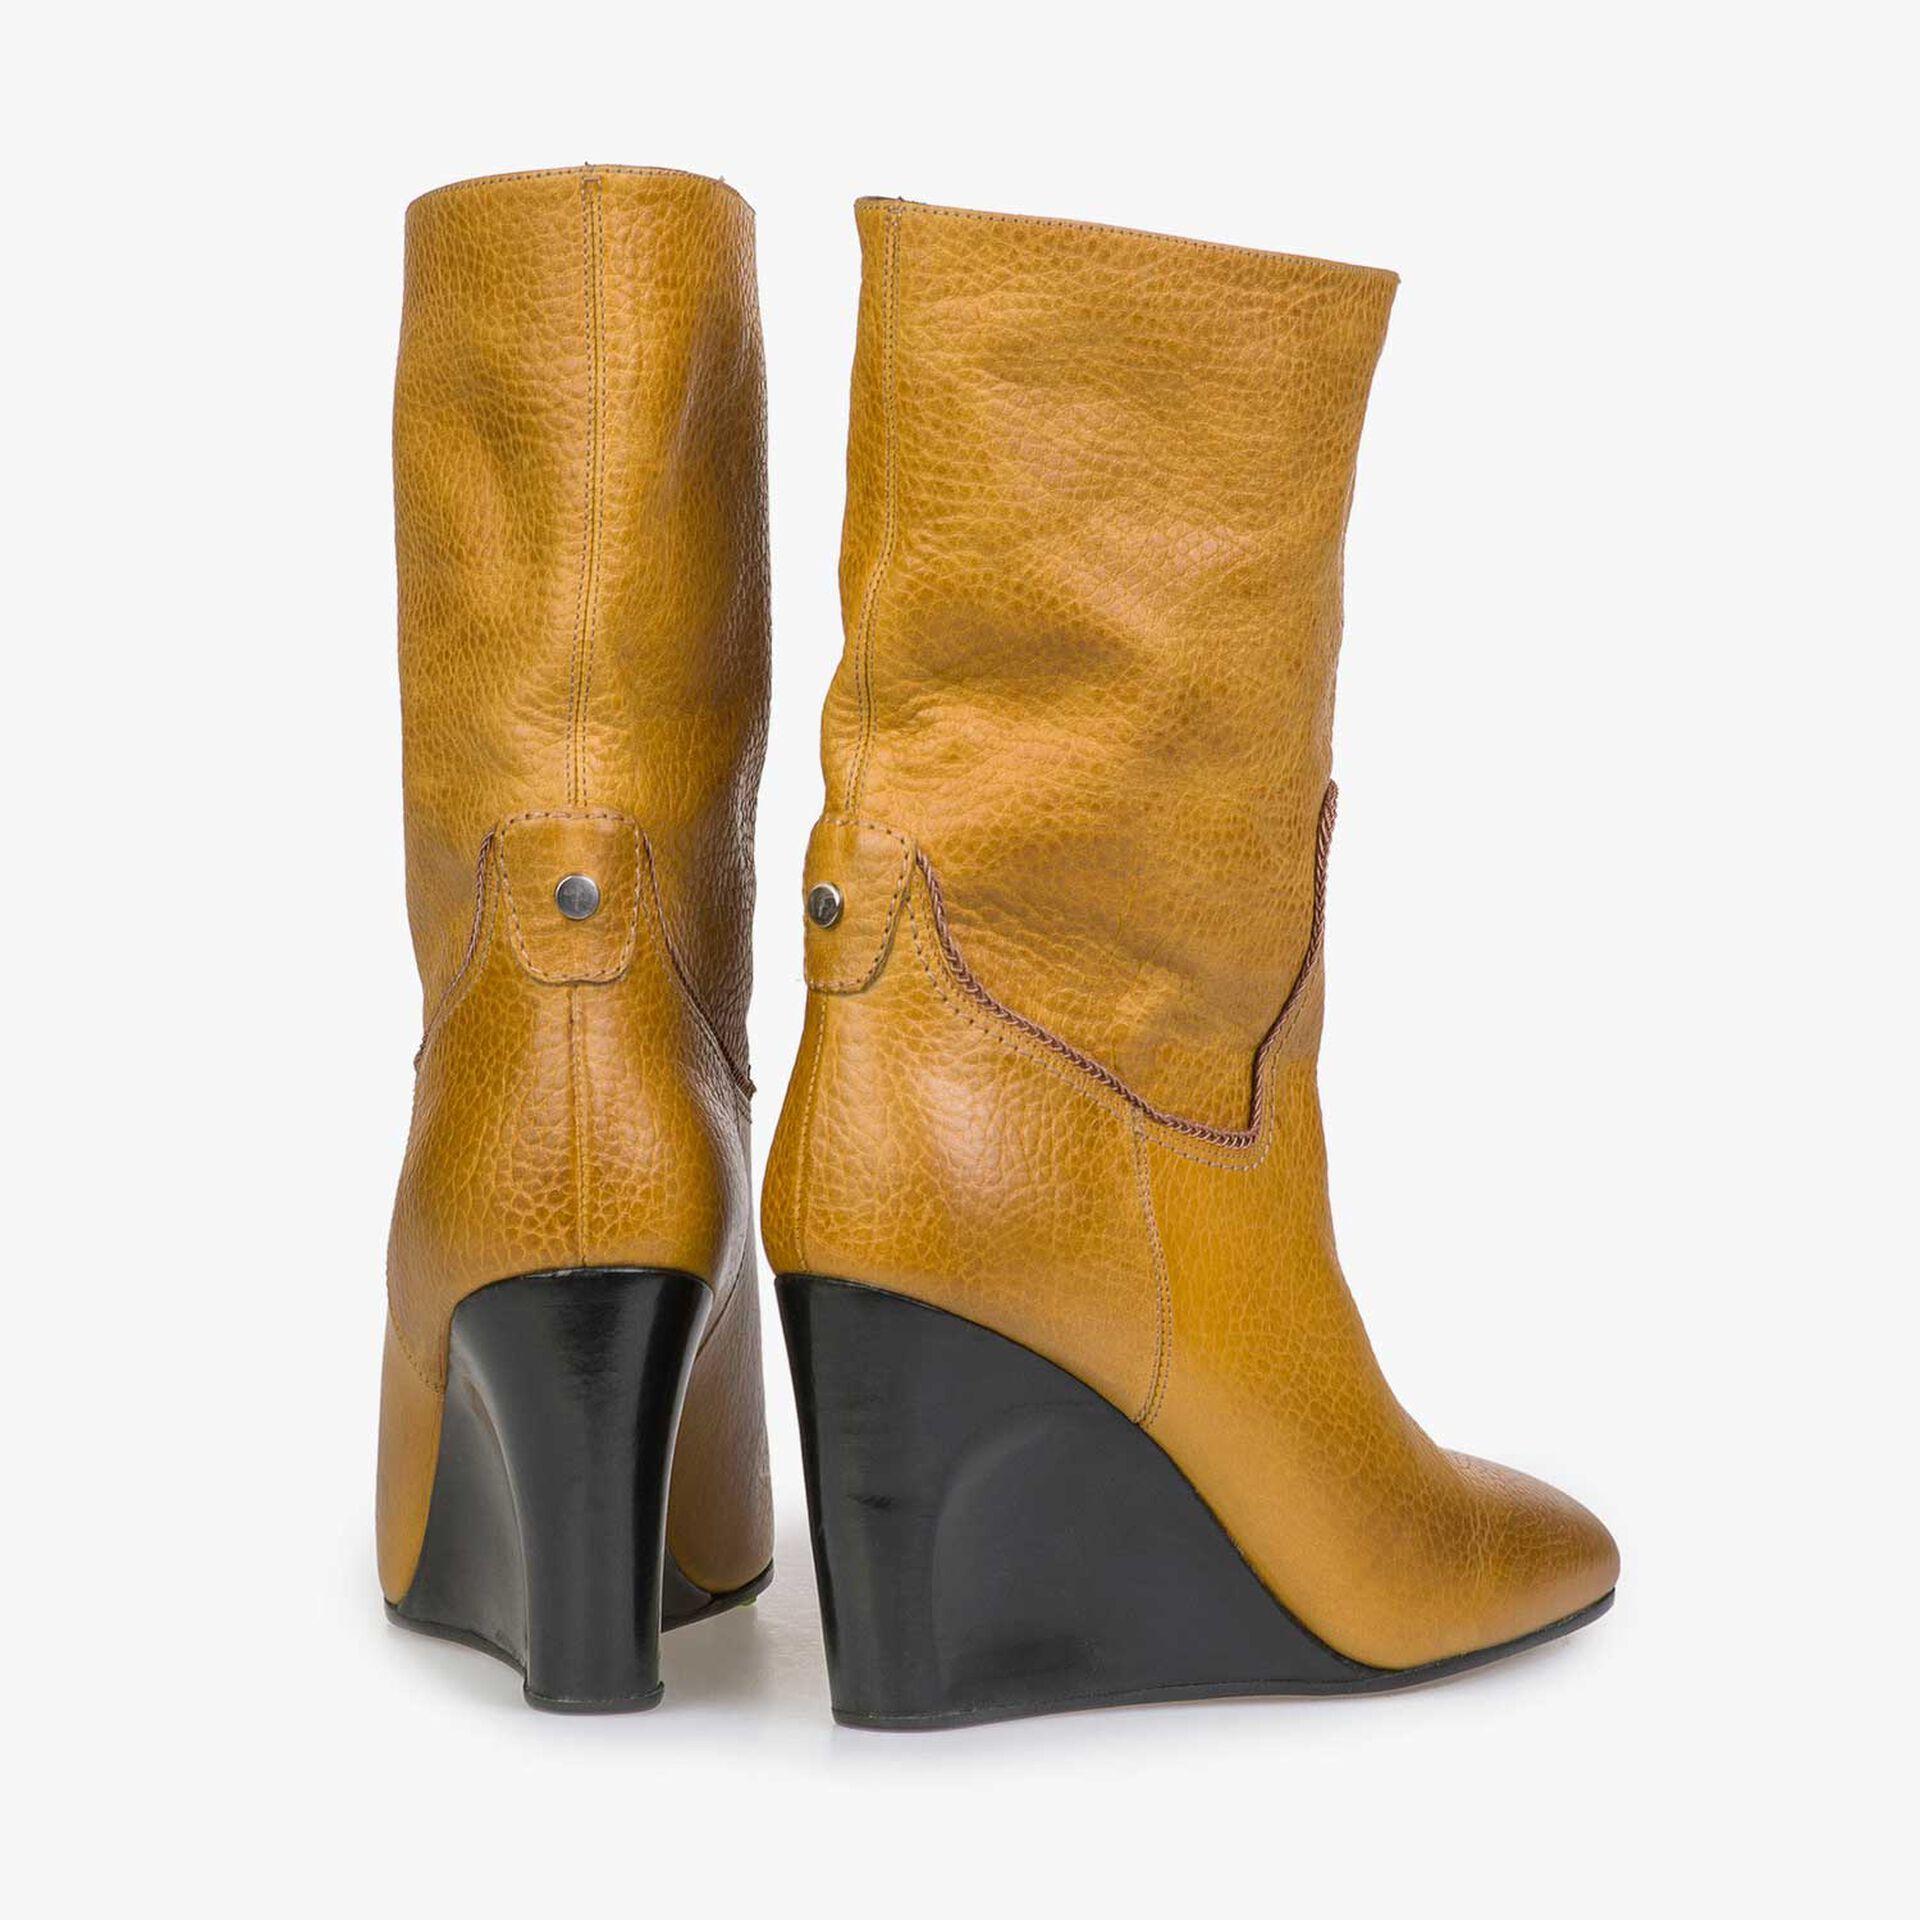 Mid-high mustard yellow wedge heel boots